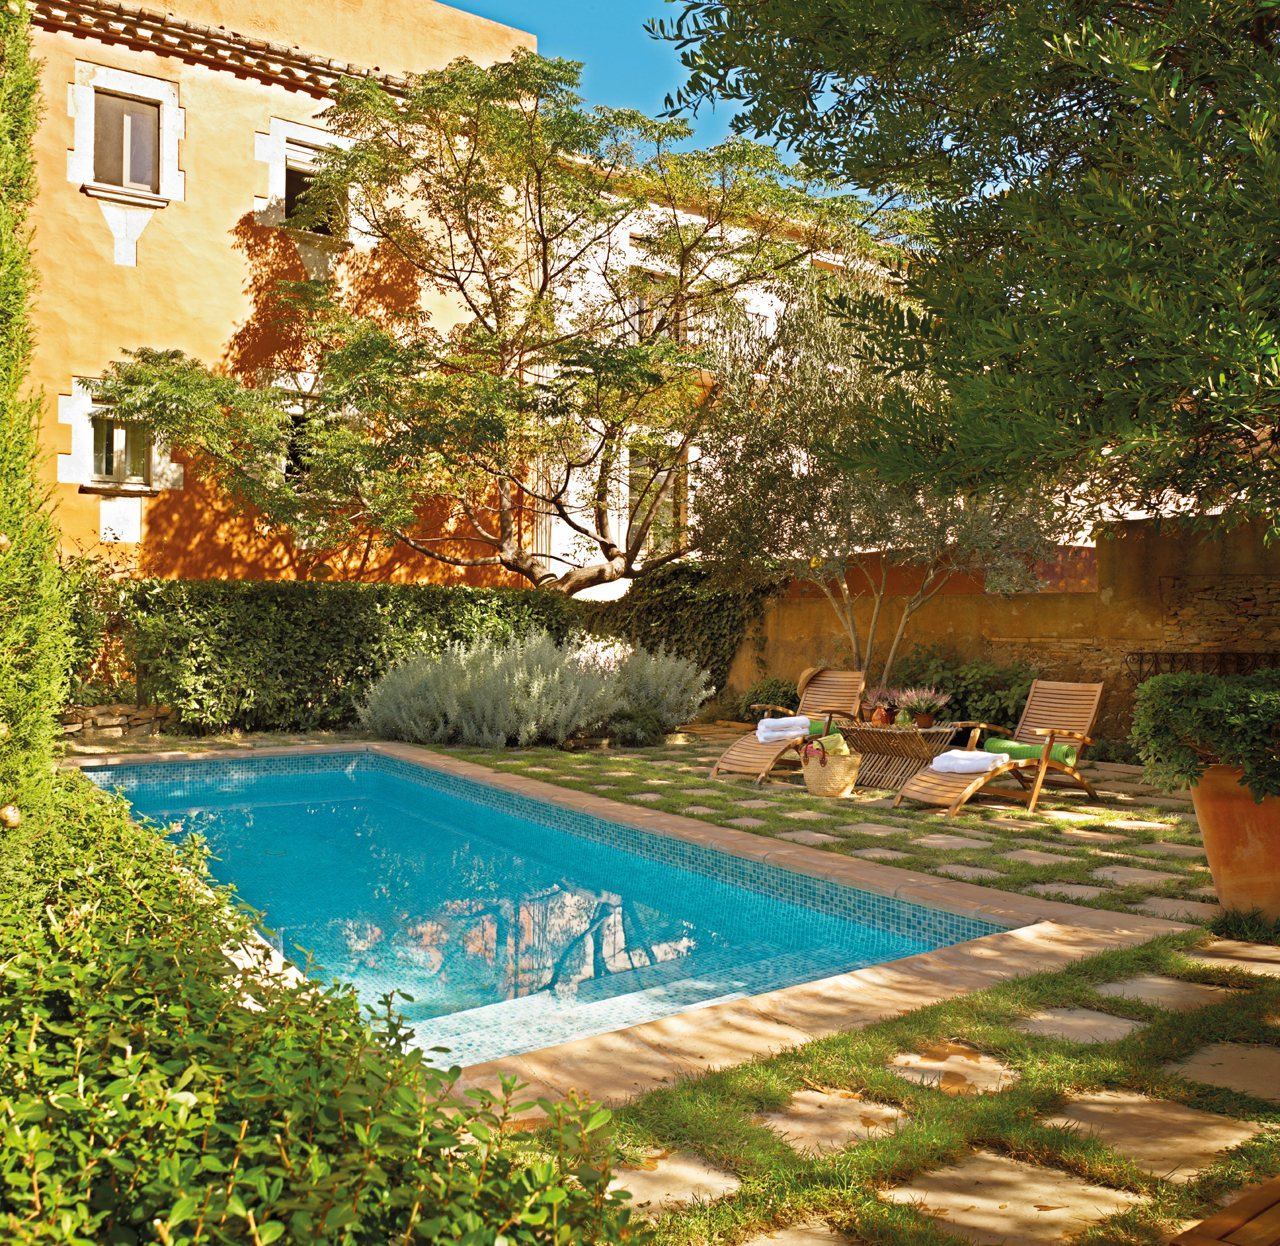 Una casita de pueblo con encanto r stico y un precioso patio - Fachadas casas de pueblo ...